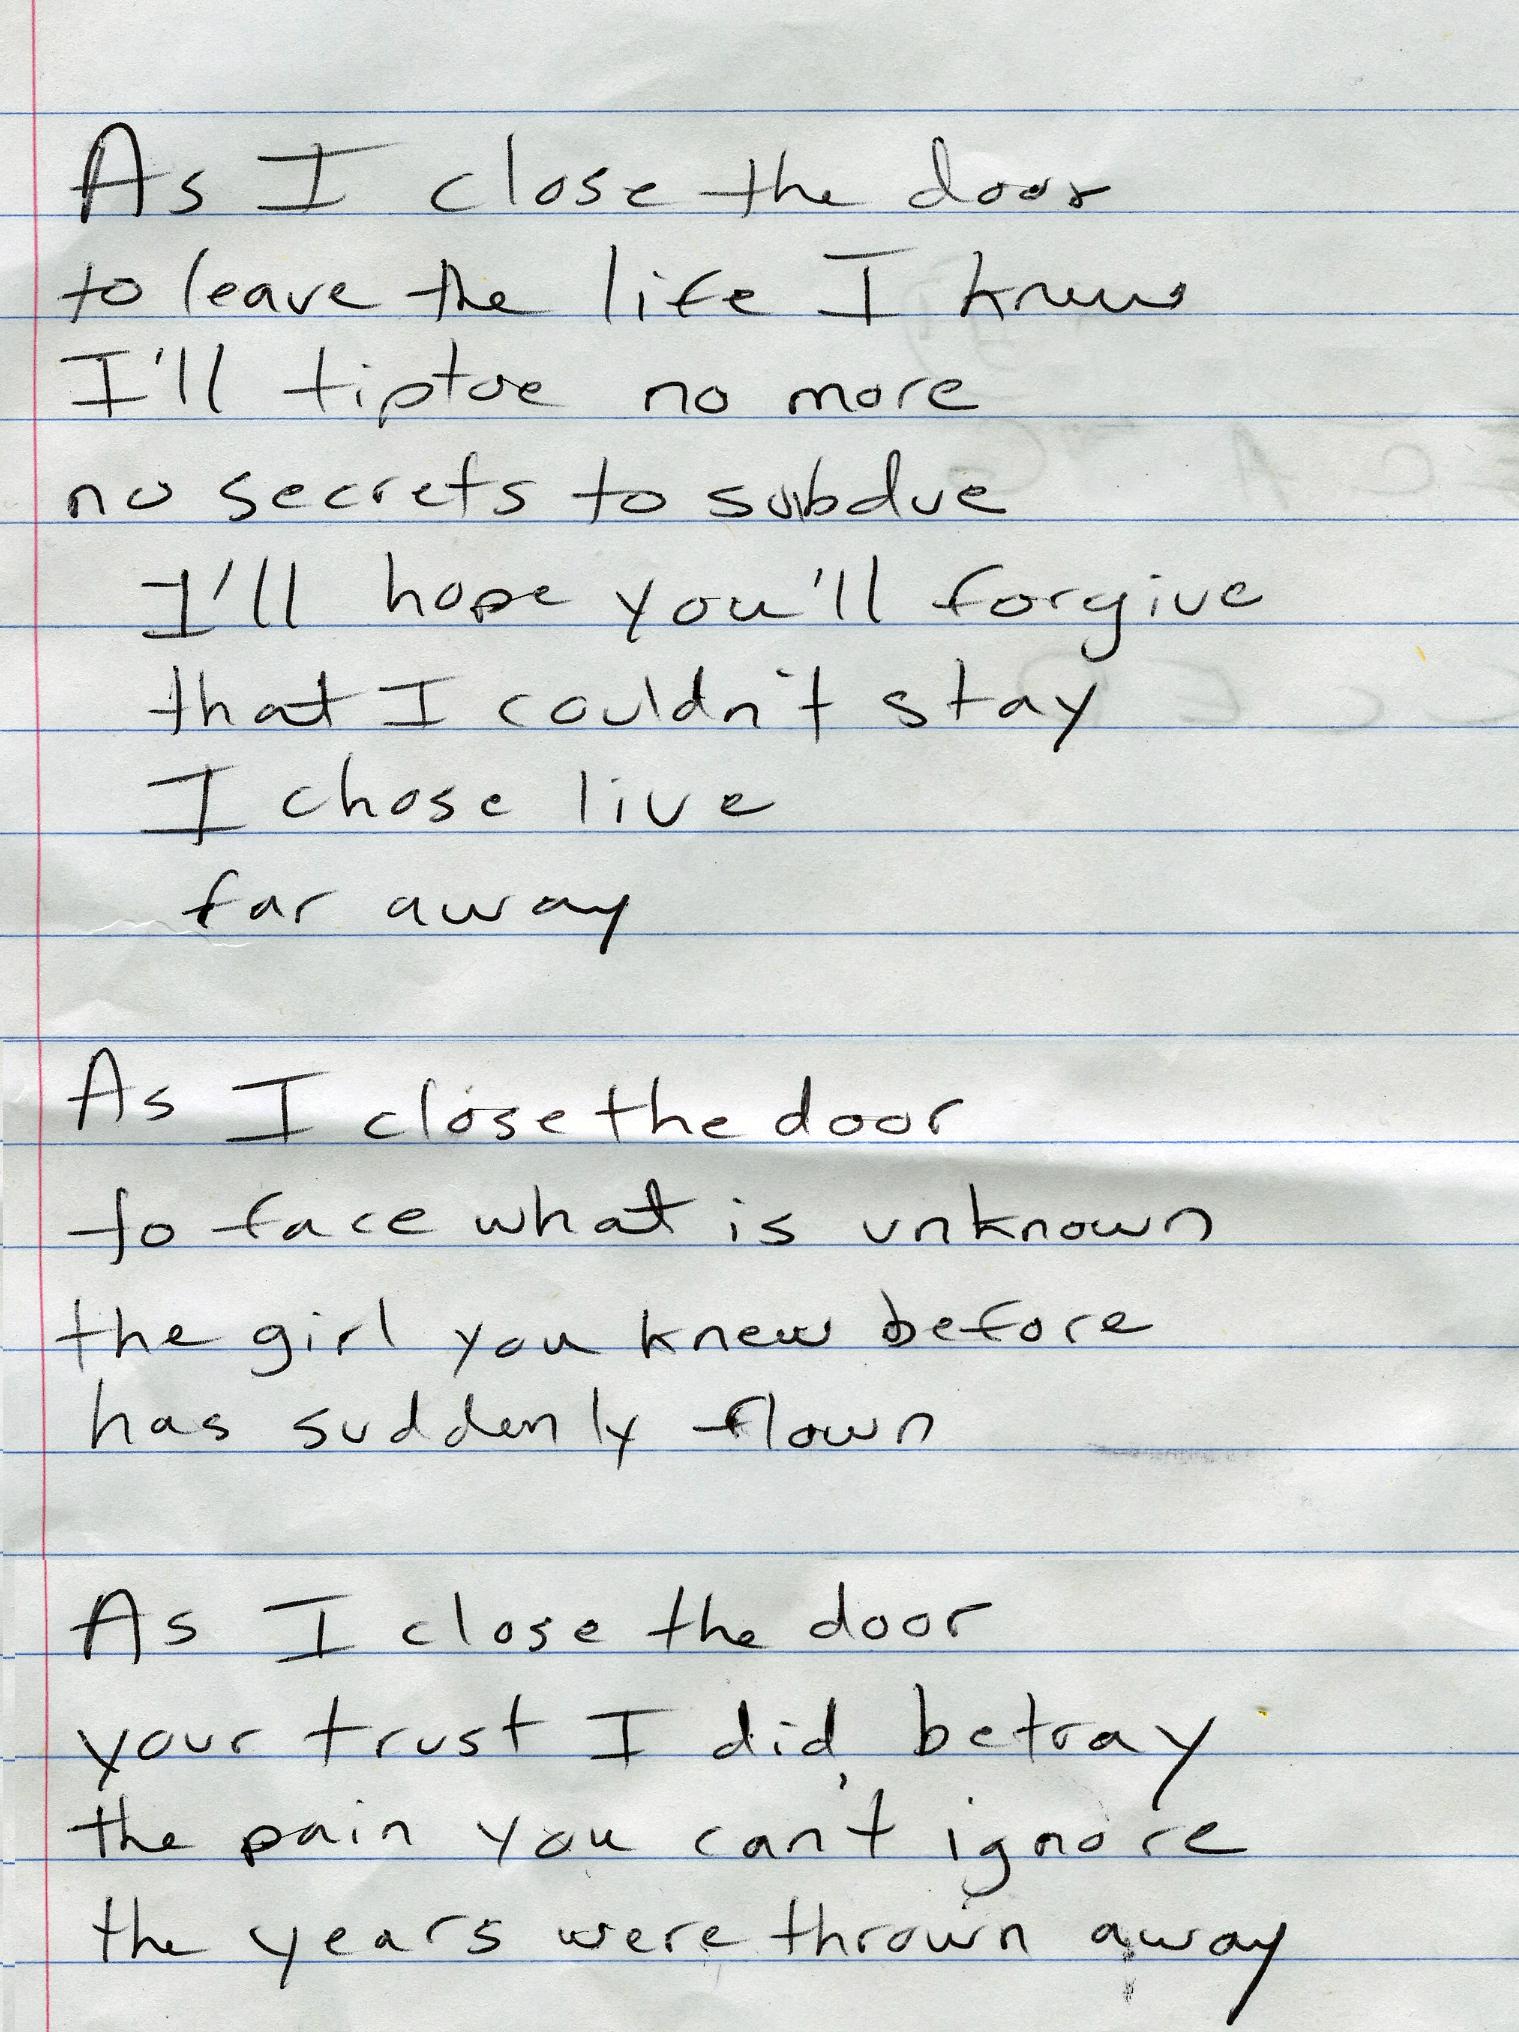 secret door chords & song lyrics with guitar chords for green door